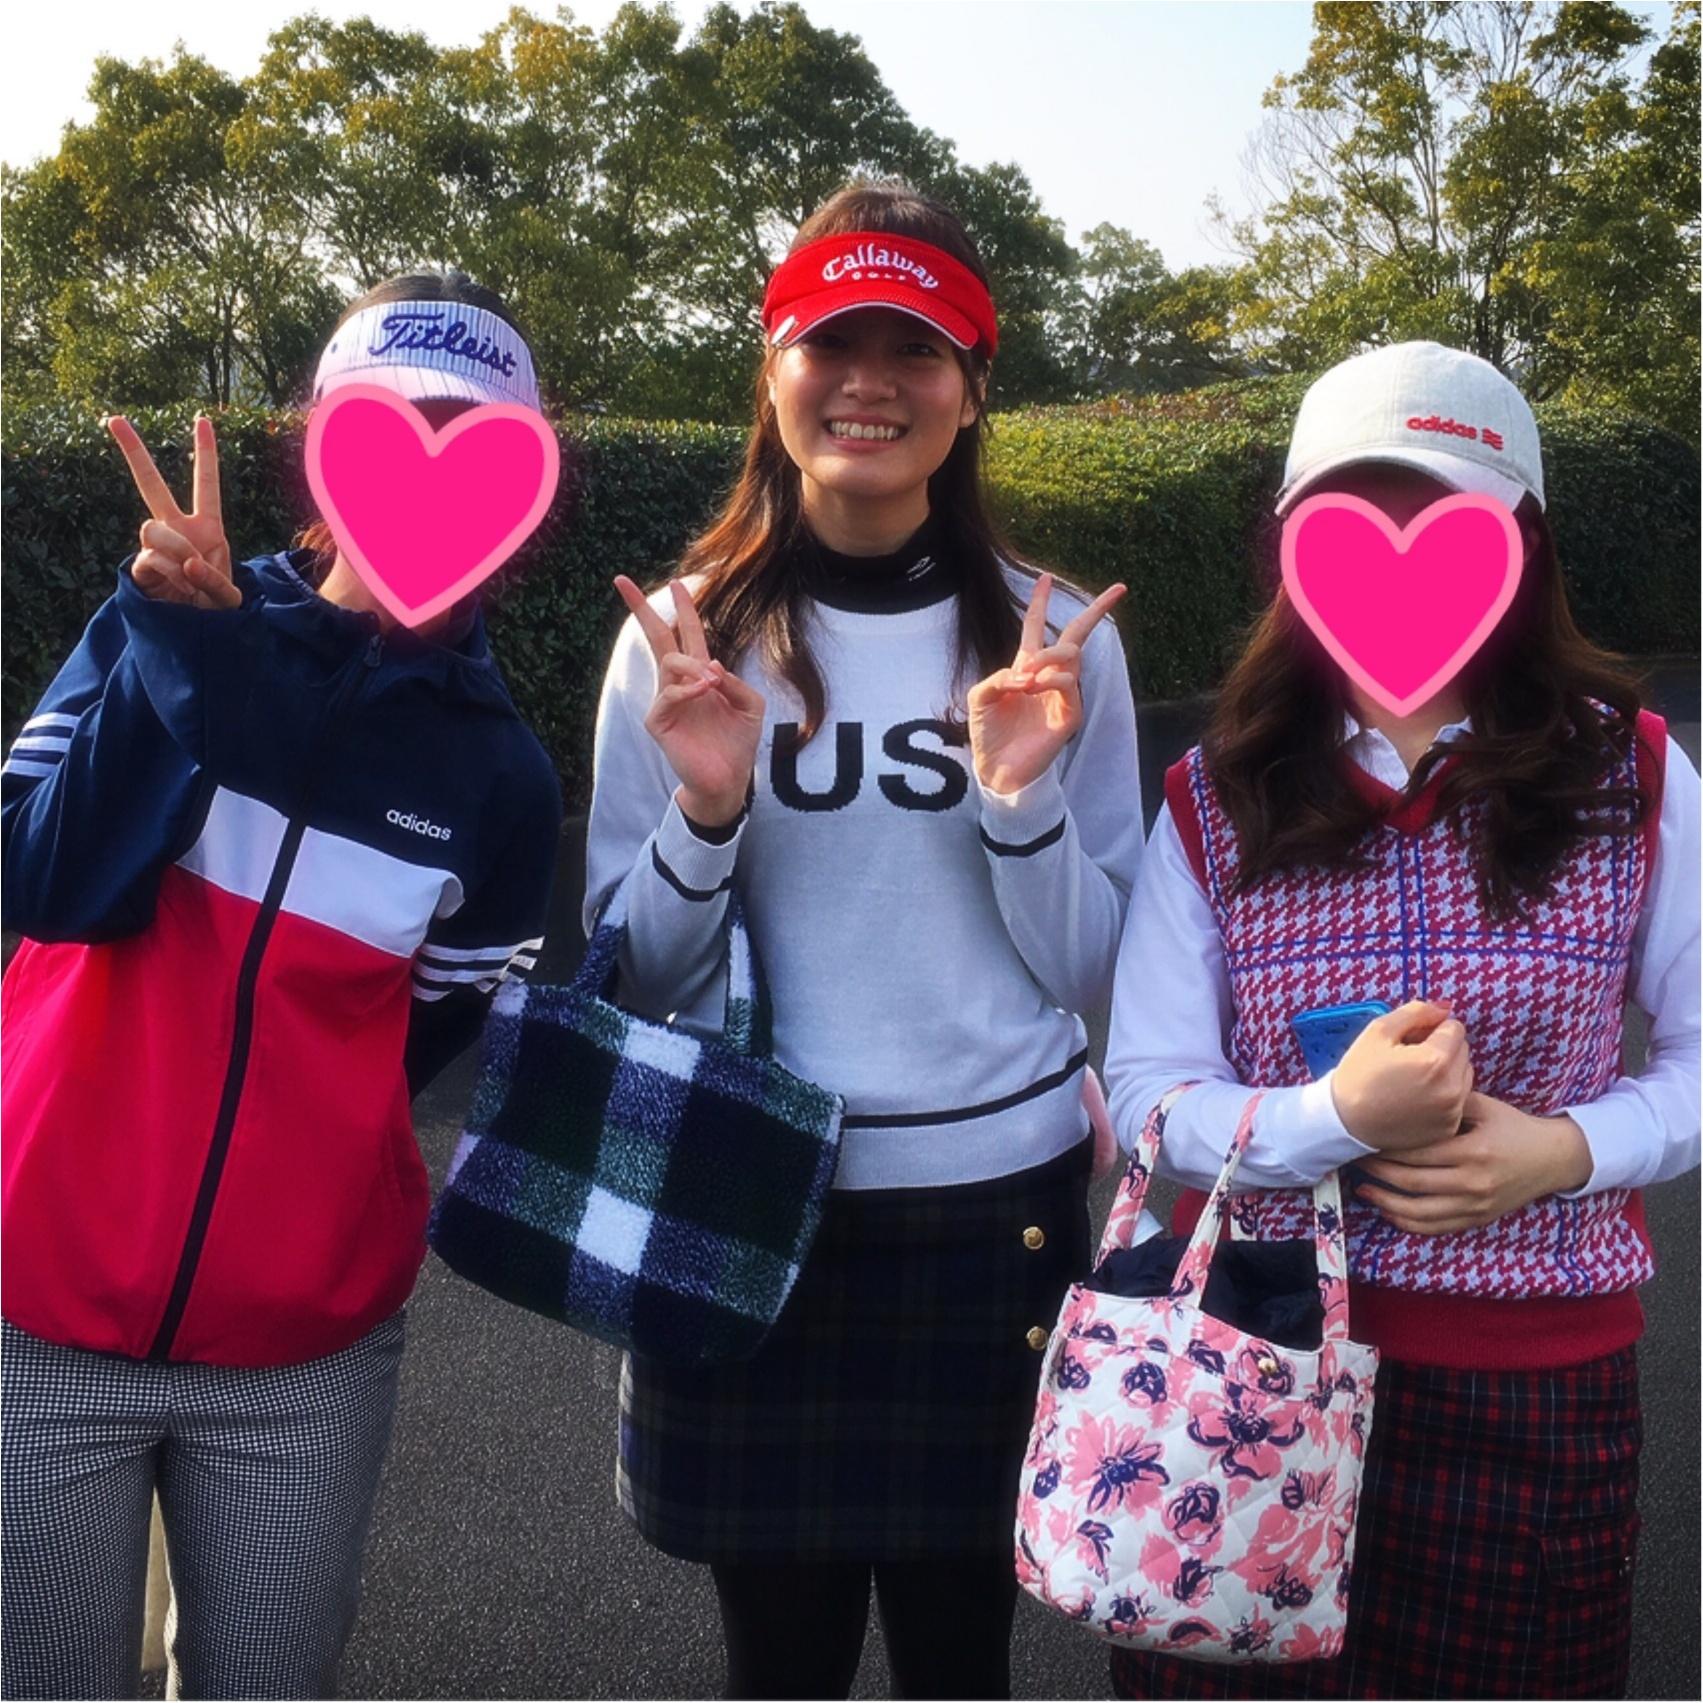 【GOLF】ゴルフでファッションを楽しむ♡秋晴れの中ラウンドしてきました!_5